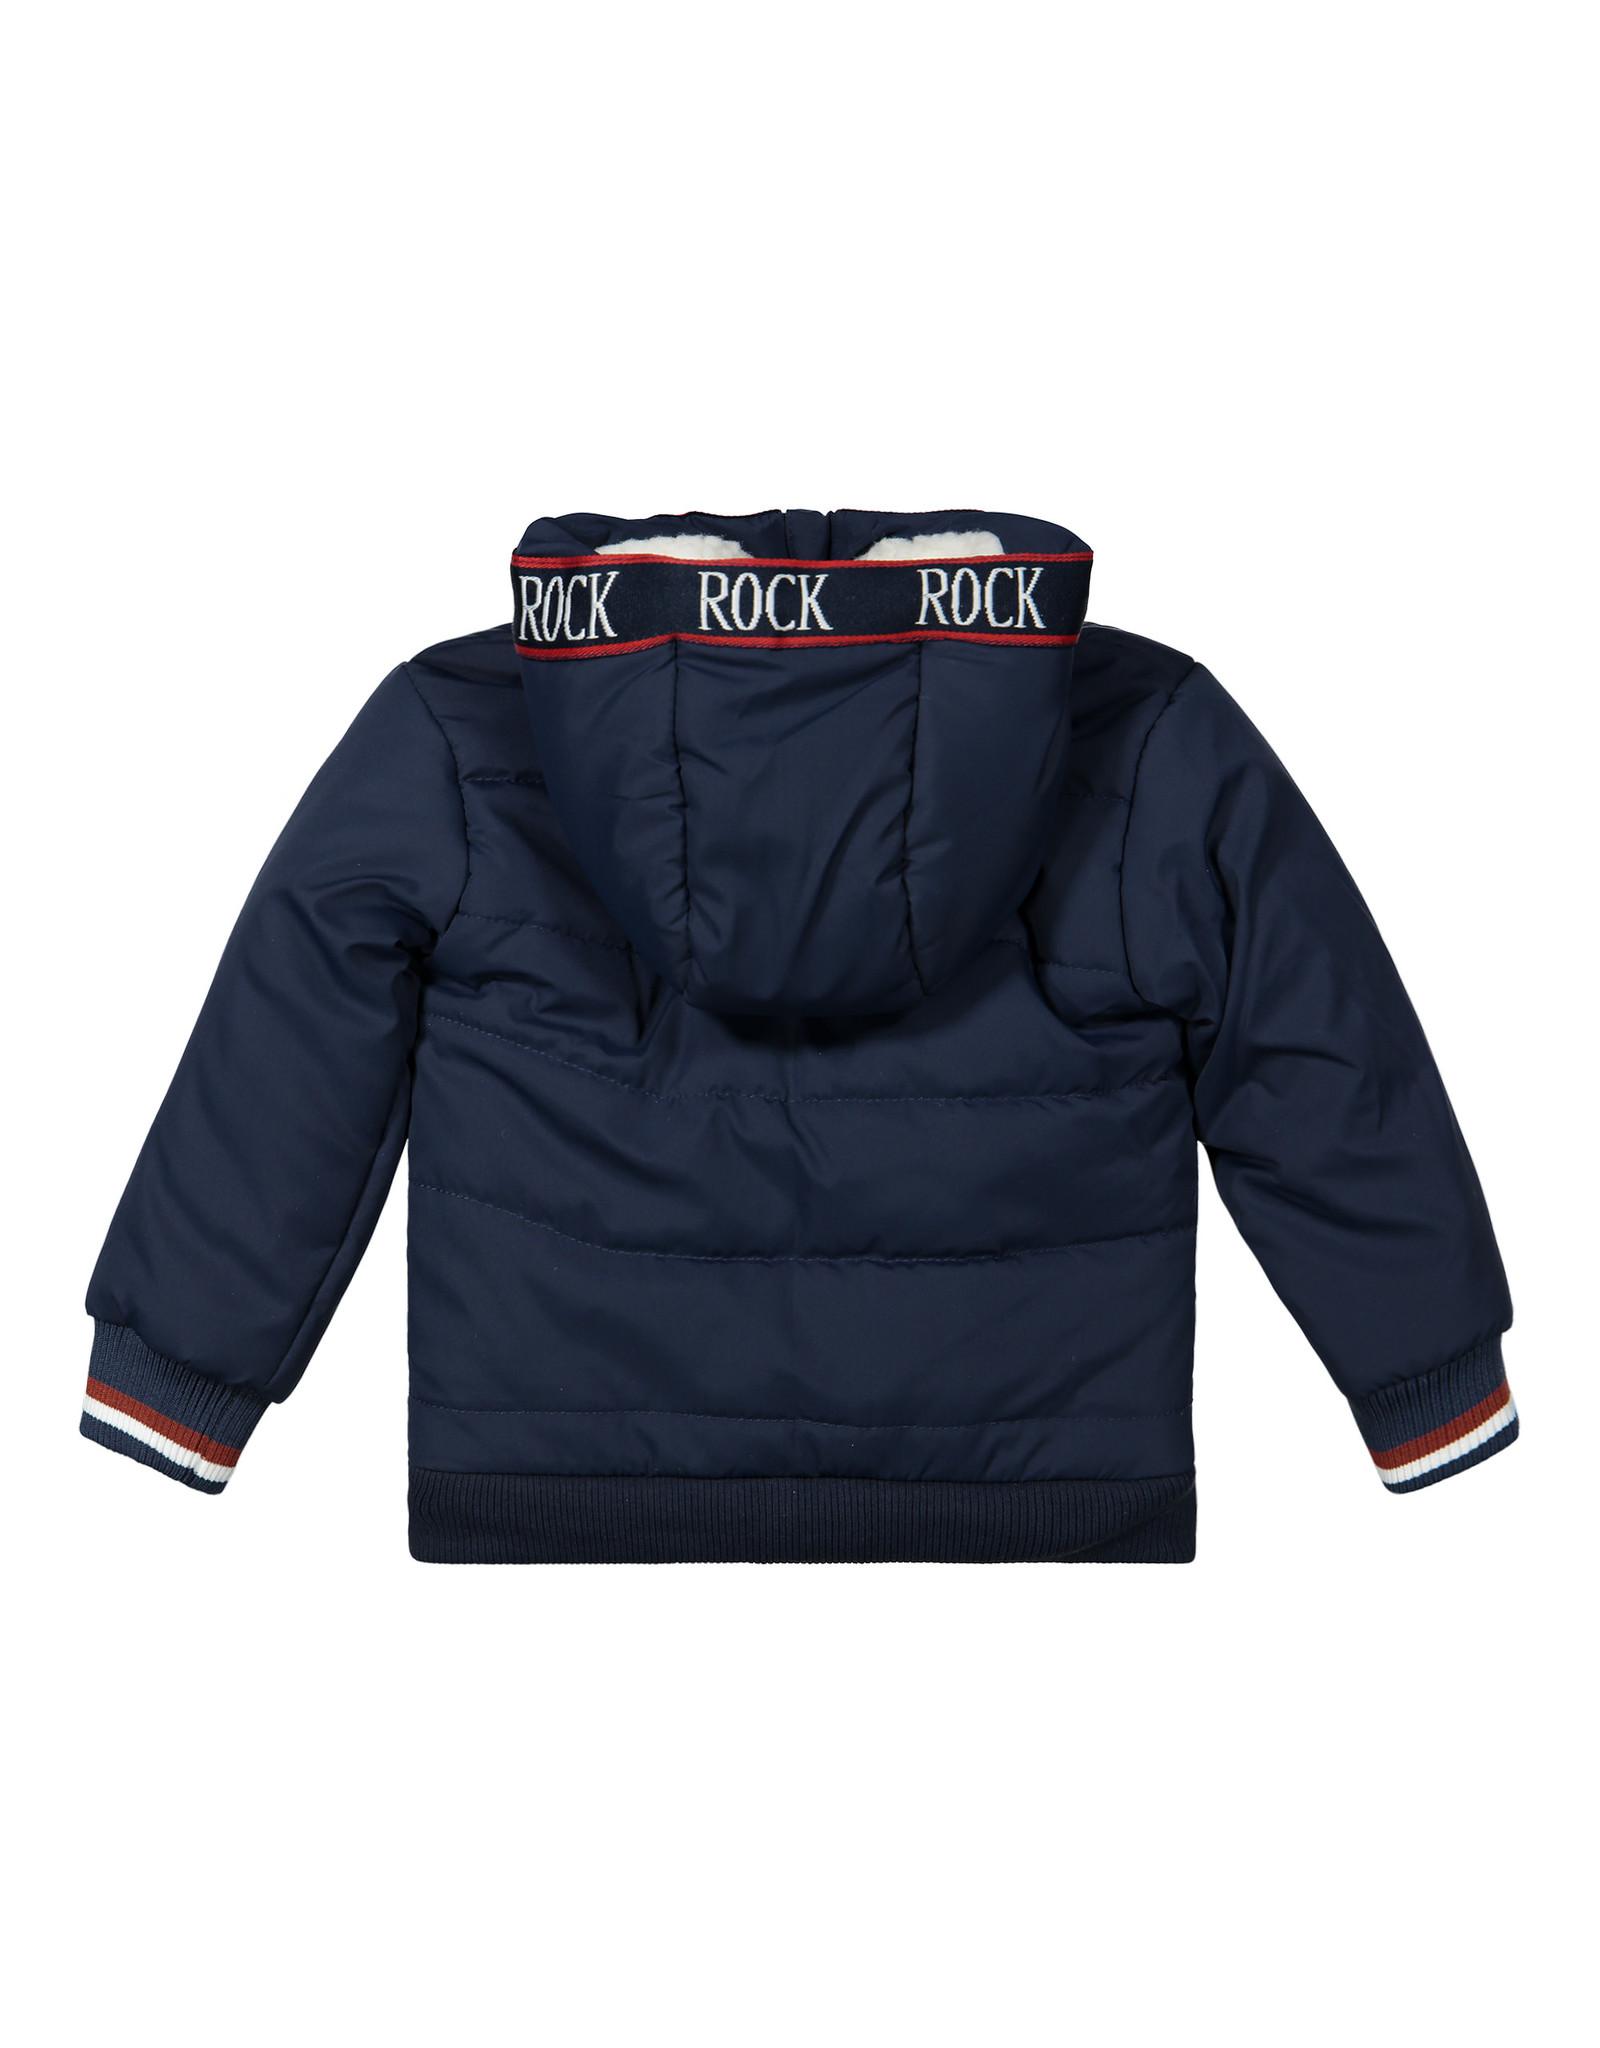 Dirkje Dirkje baby jongens winterjas Rock Navy